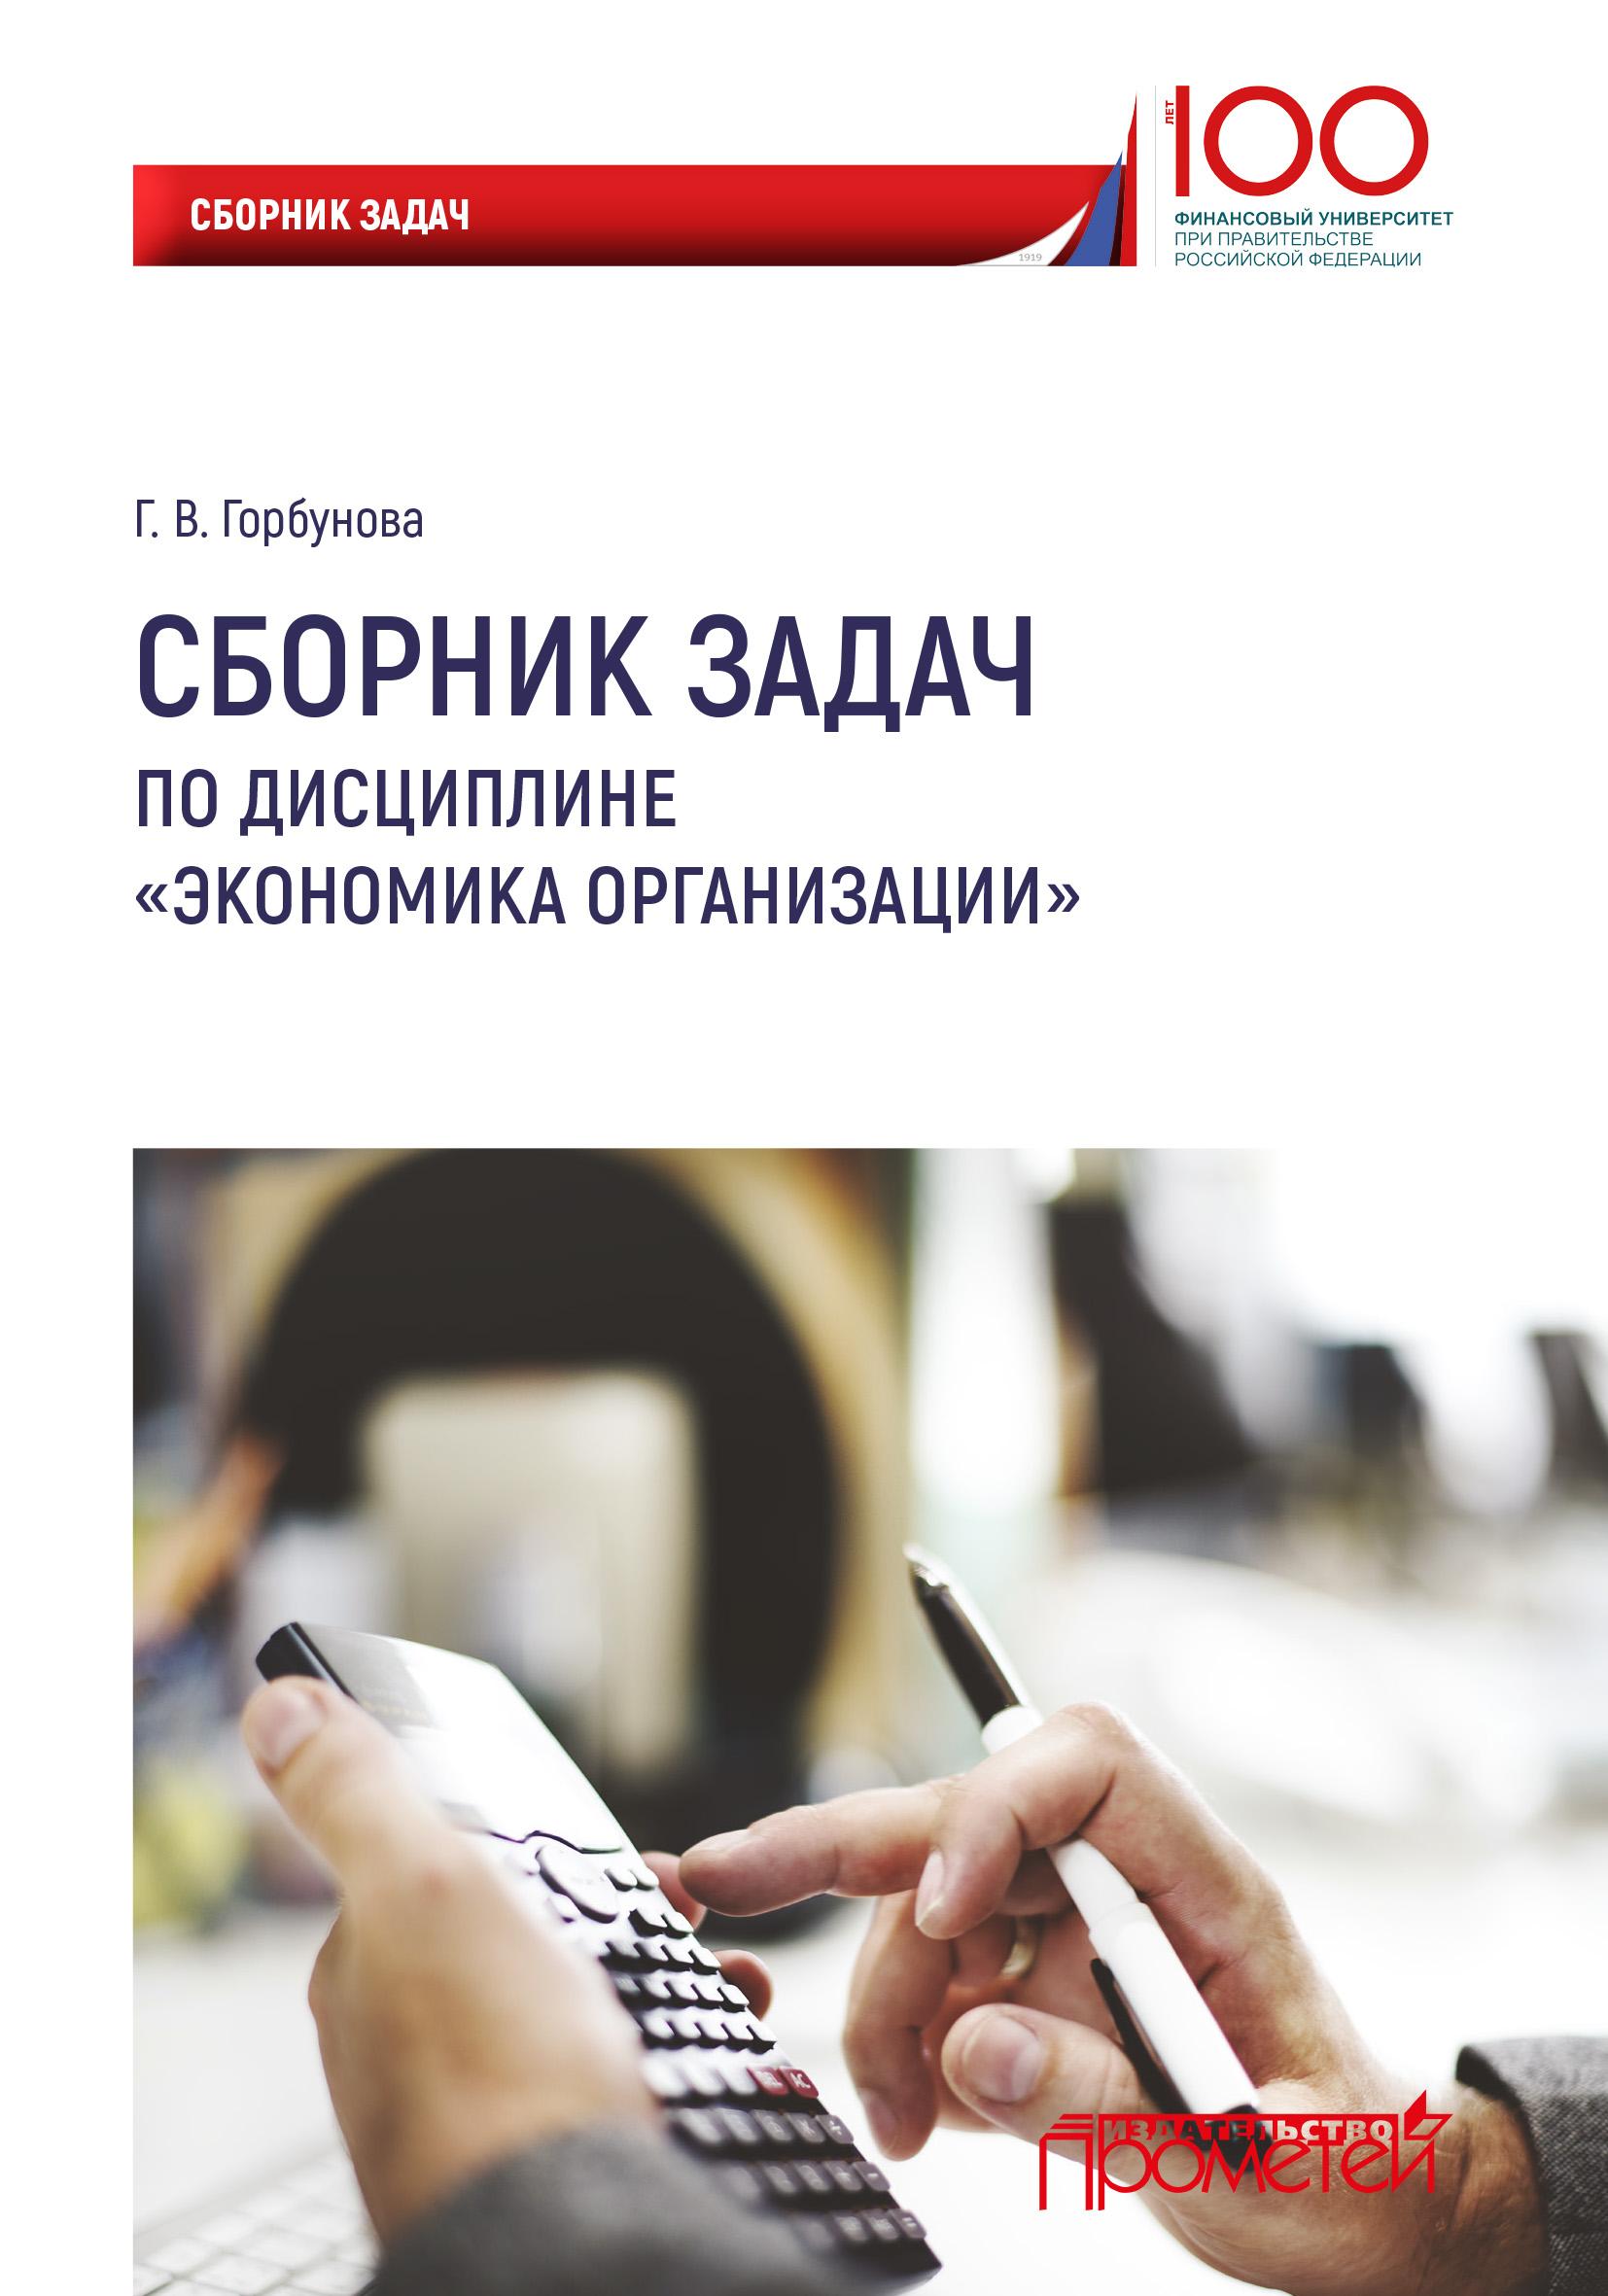 Обложка книги Сборник задач по дисциплине «Экономика организации»